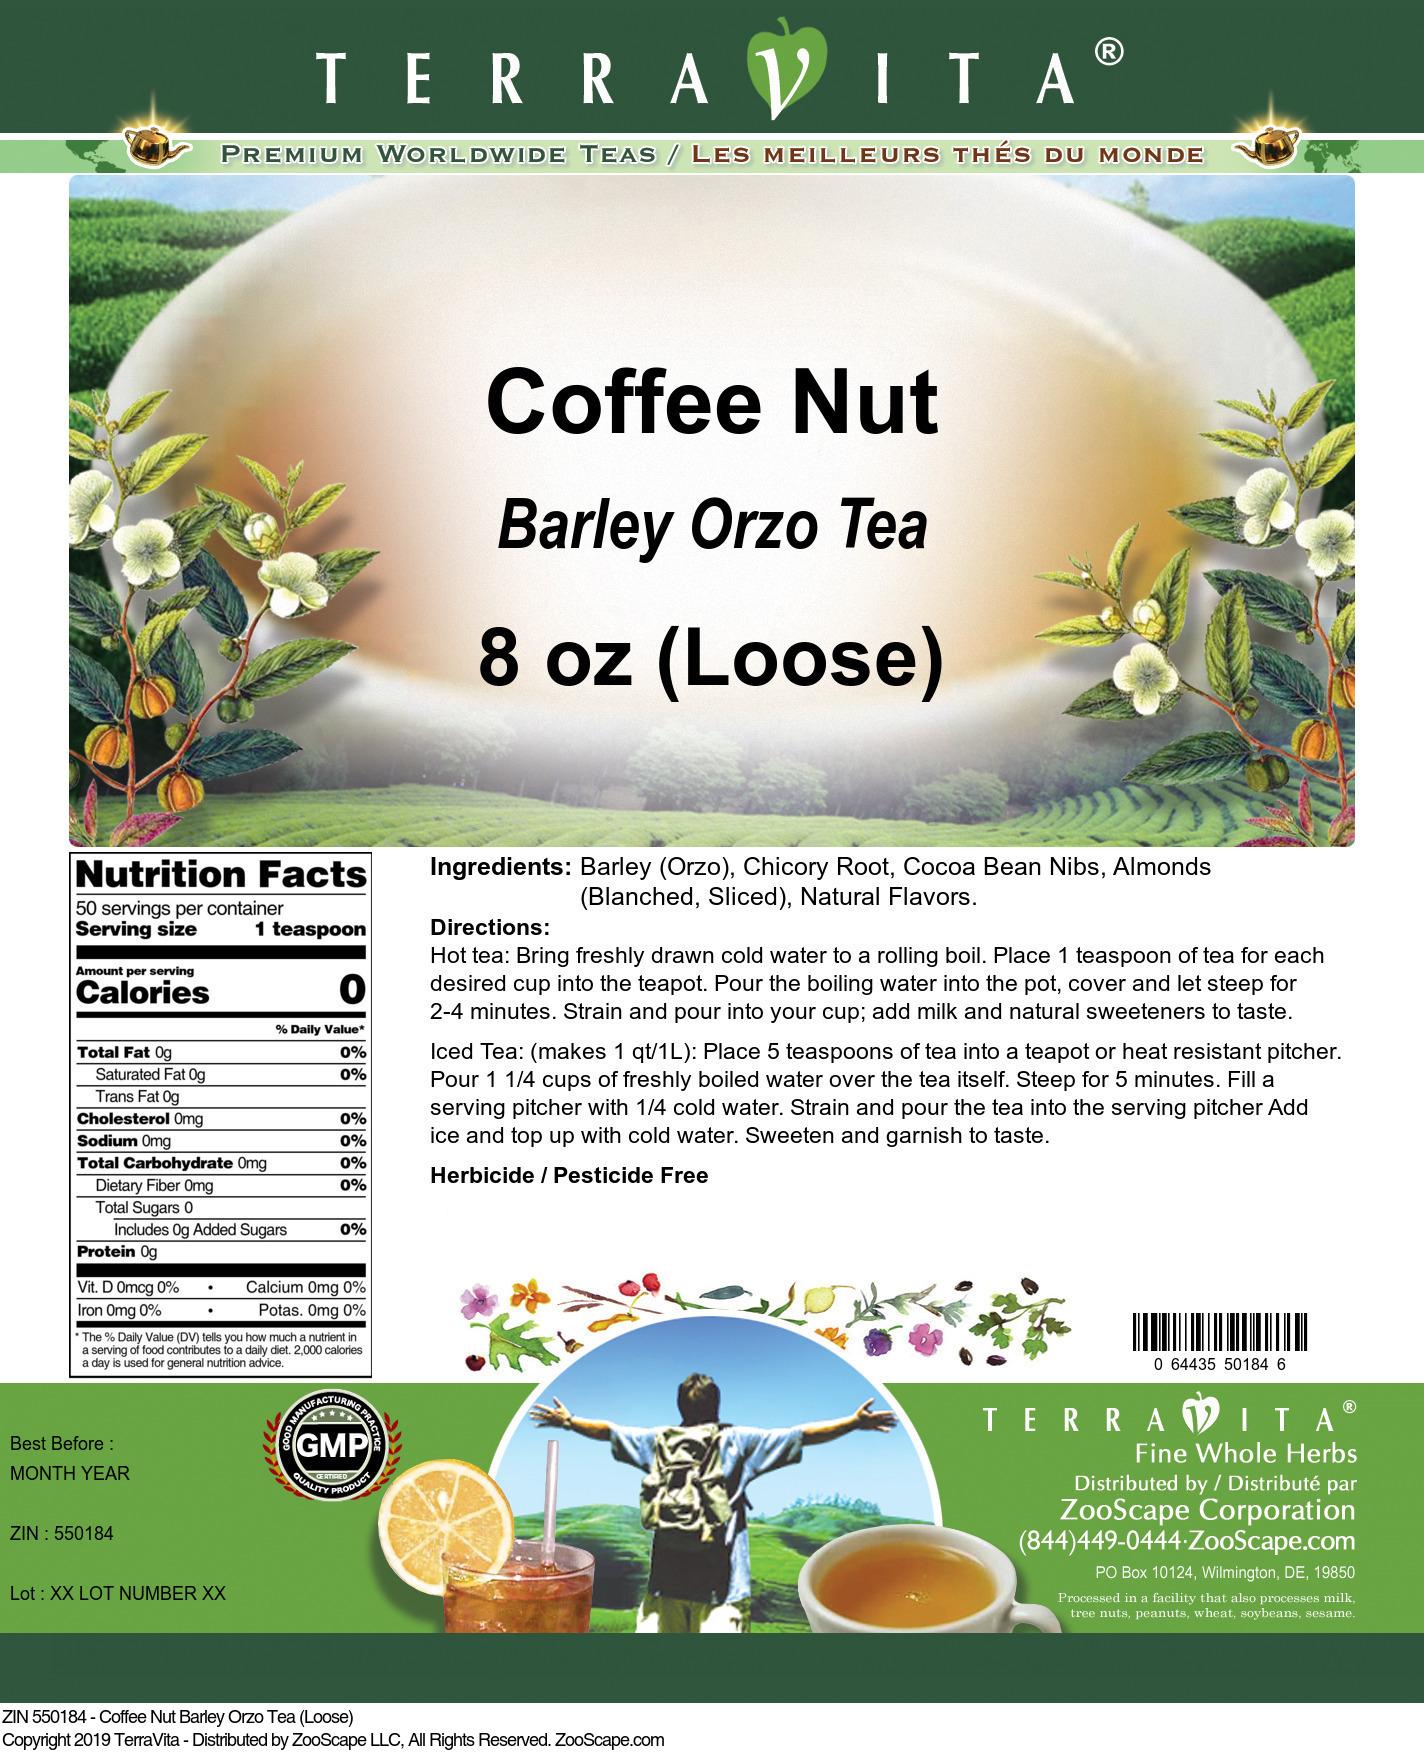 Coffee Nut Barley Orzo Tea (Loose)